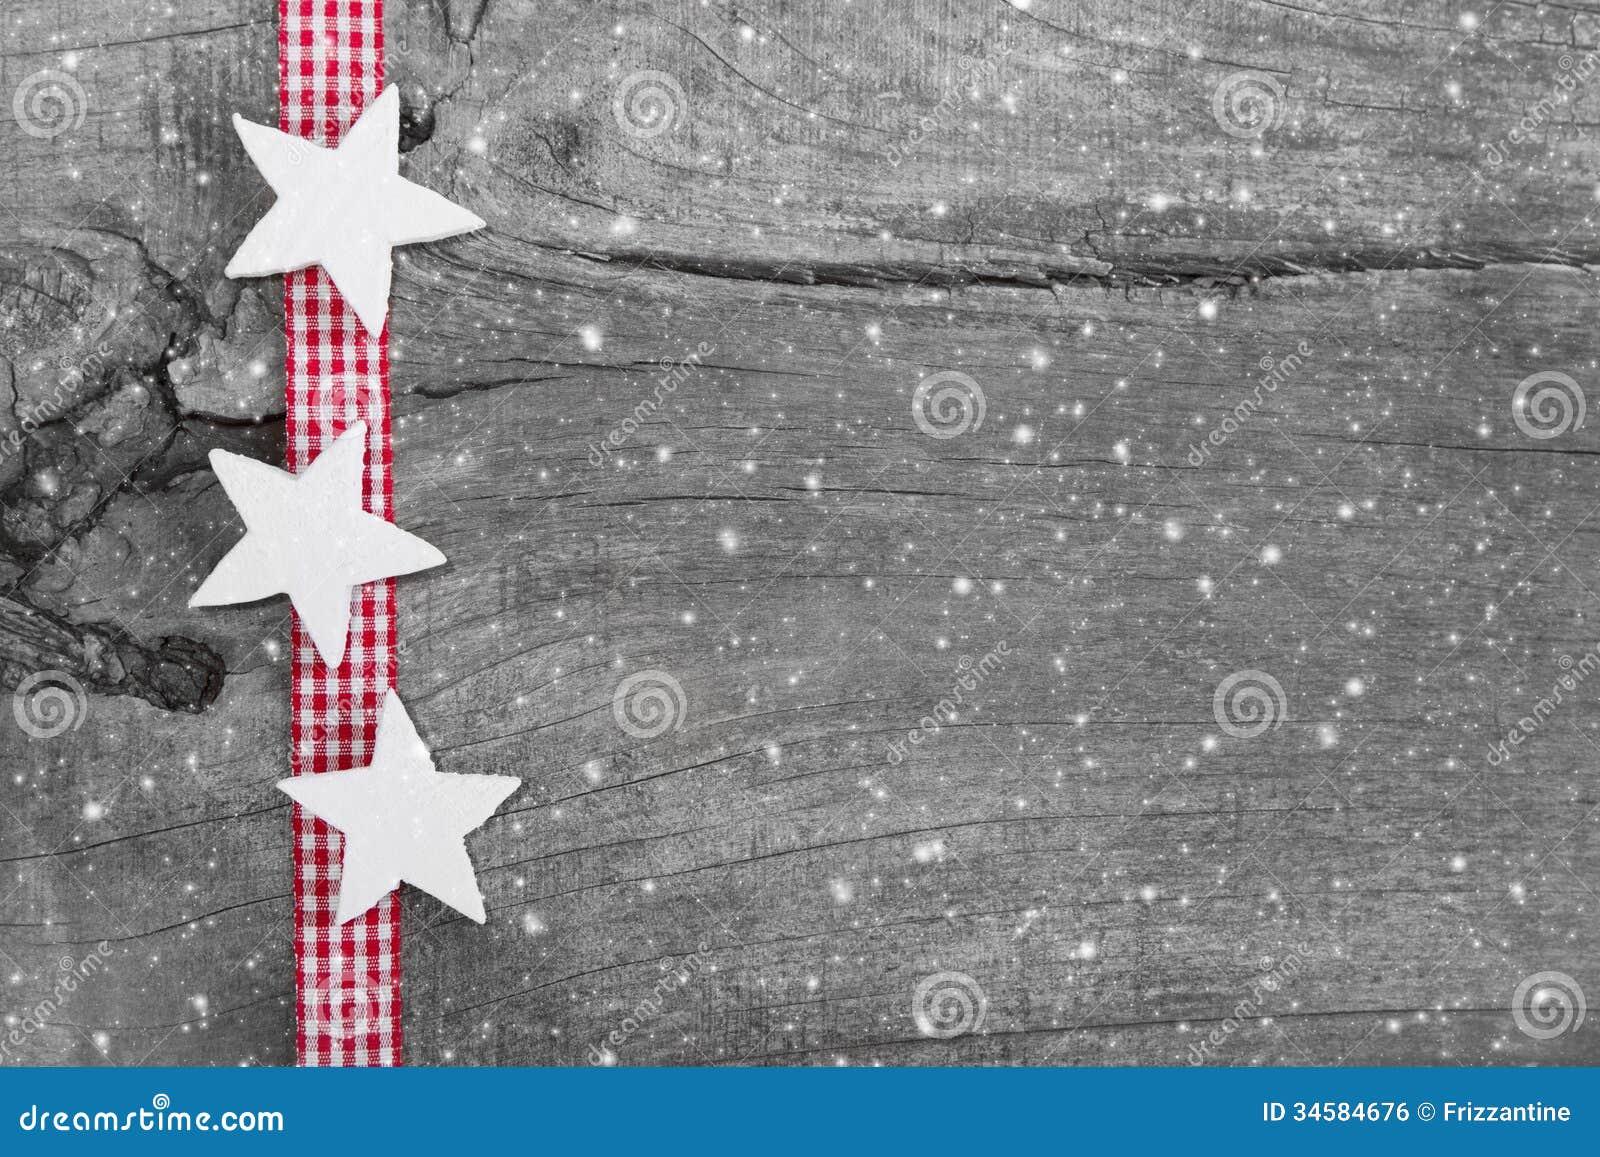 Fond chic minable de no l en le gris le blanc et le rouge image libre de droits image 34584676 - Le rouge et le blanc ...